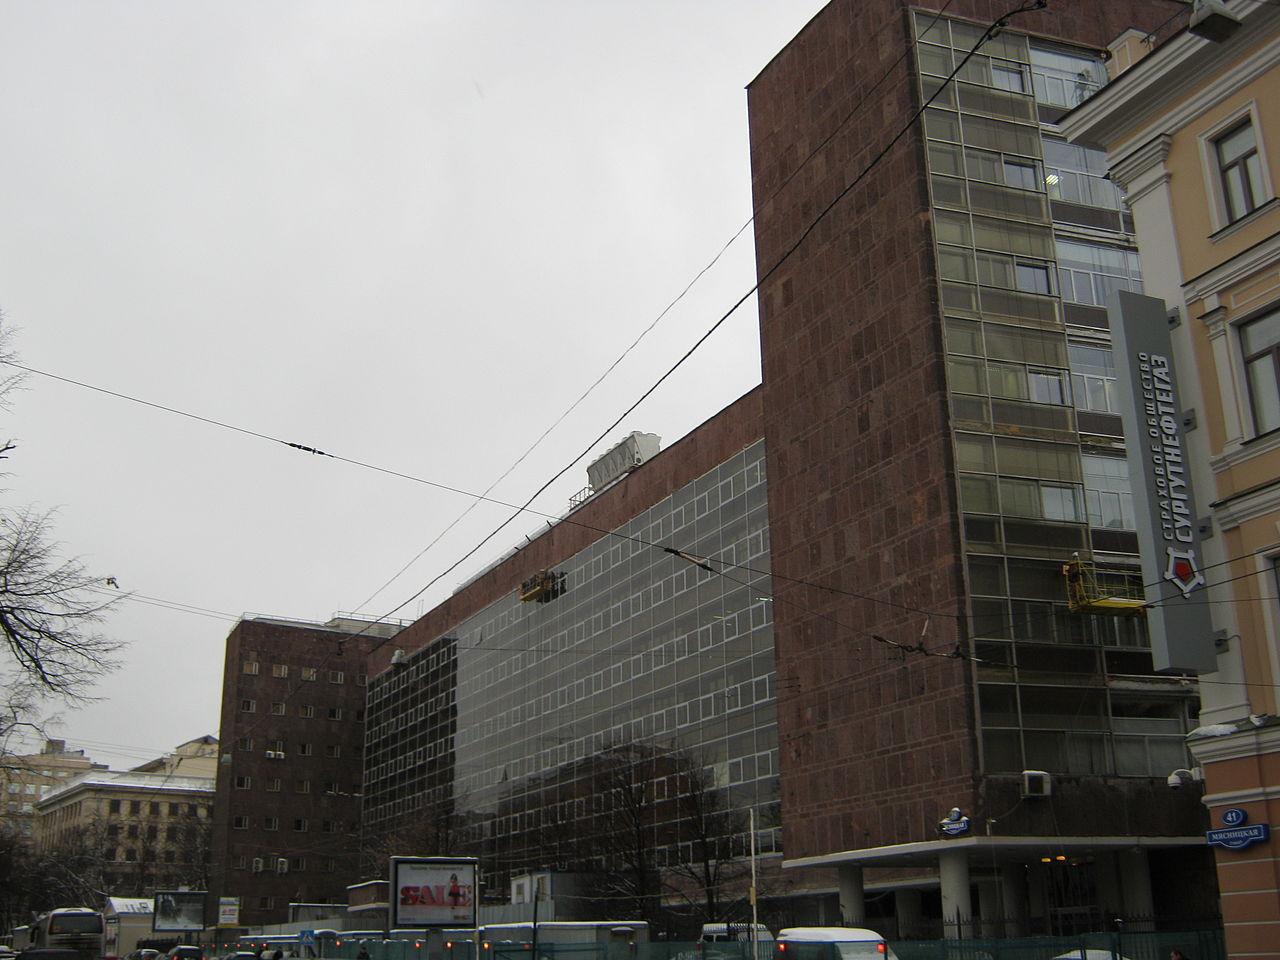 28-35Centrosoyuz_Moscow_-_Myasnitskaya_view.jpg